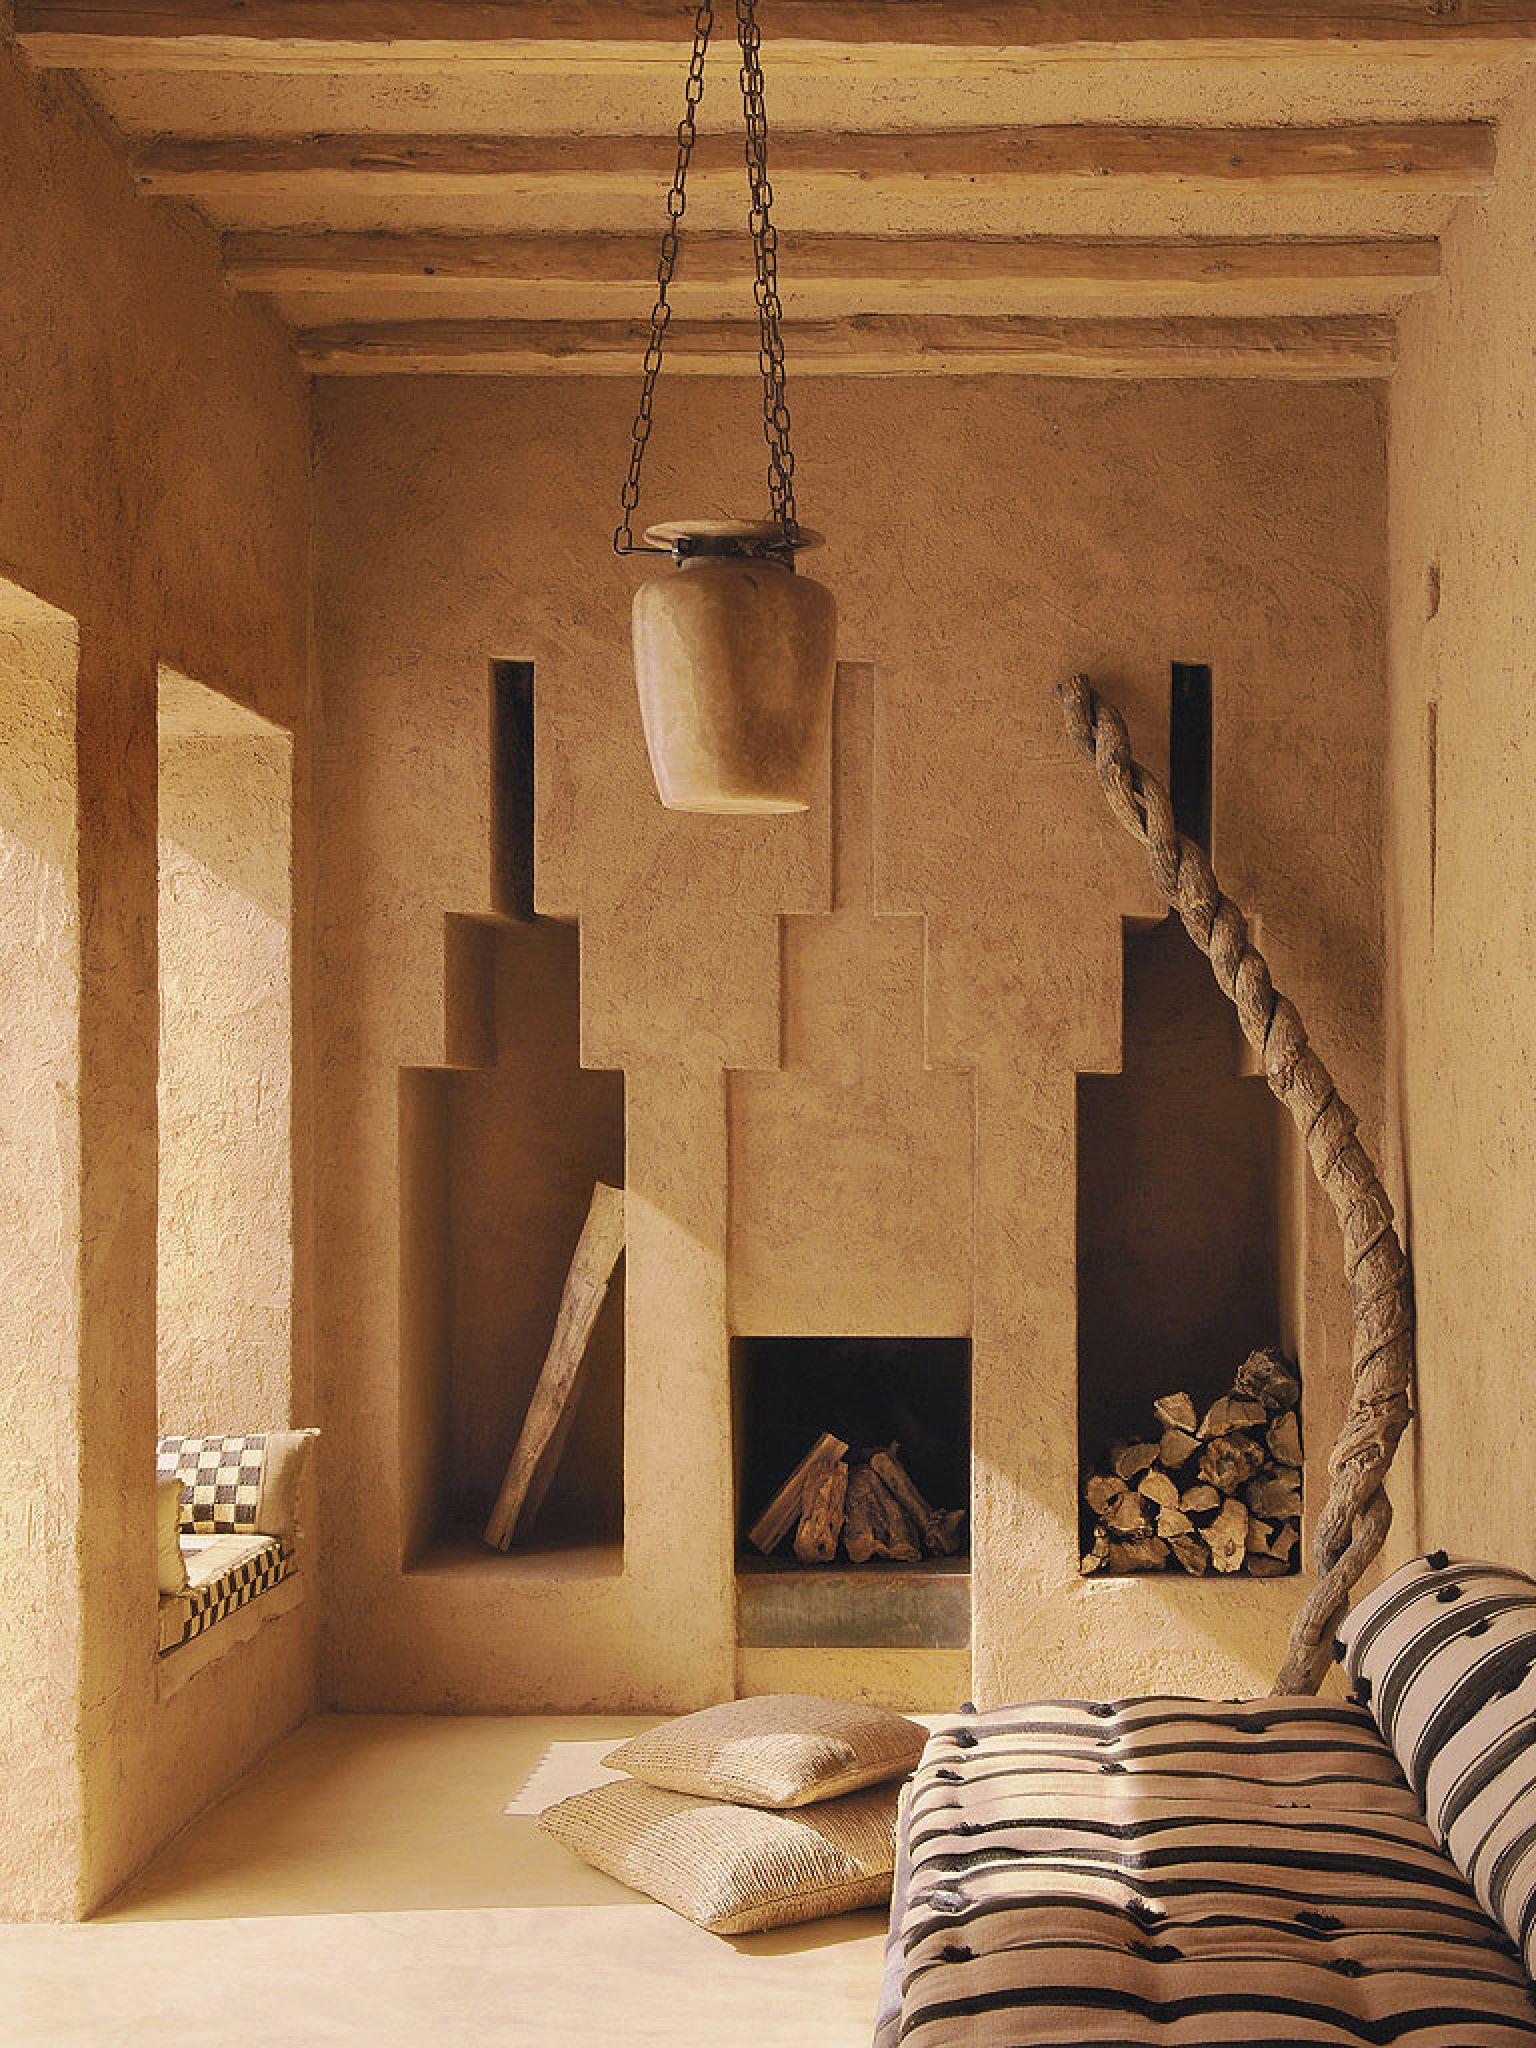 Pin Von Fedora Von Neoomi De Auf Schone Wohnraume Beautiful Living Spaces Lehmhaus Raumplaner Innenraum